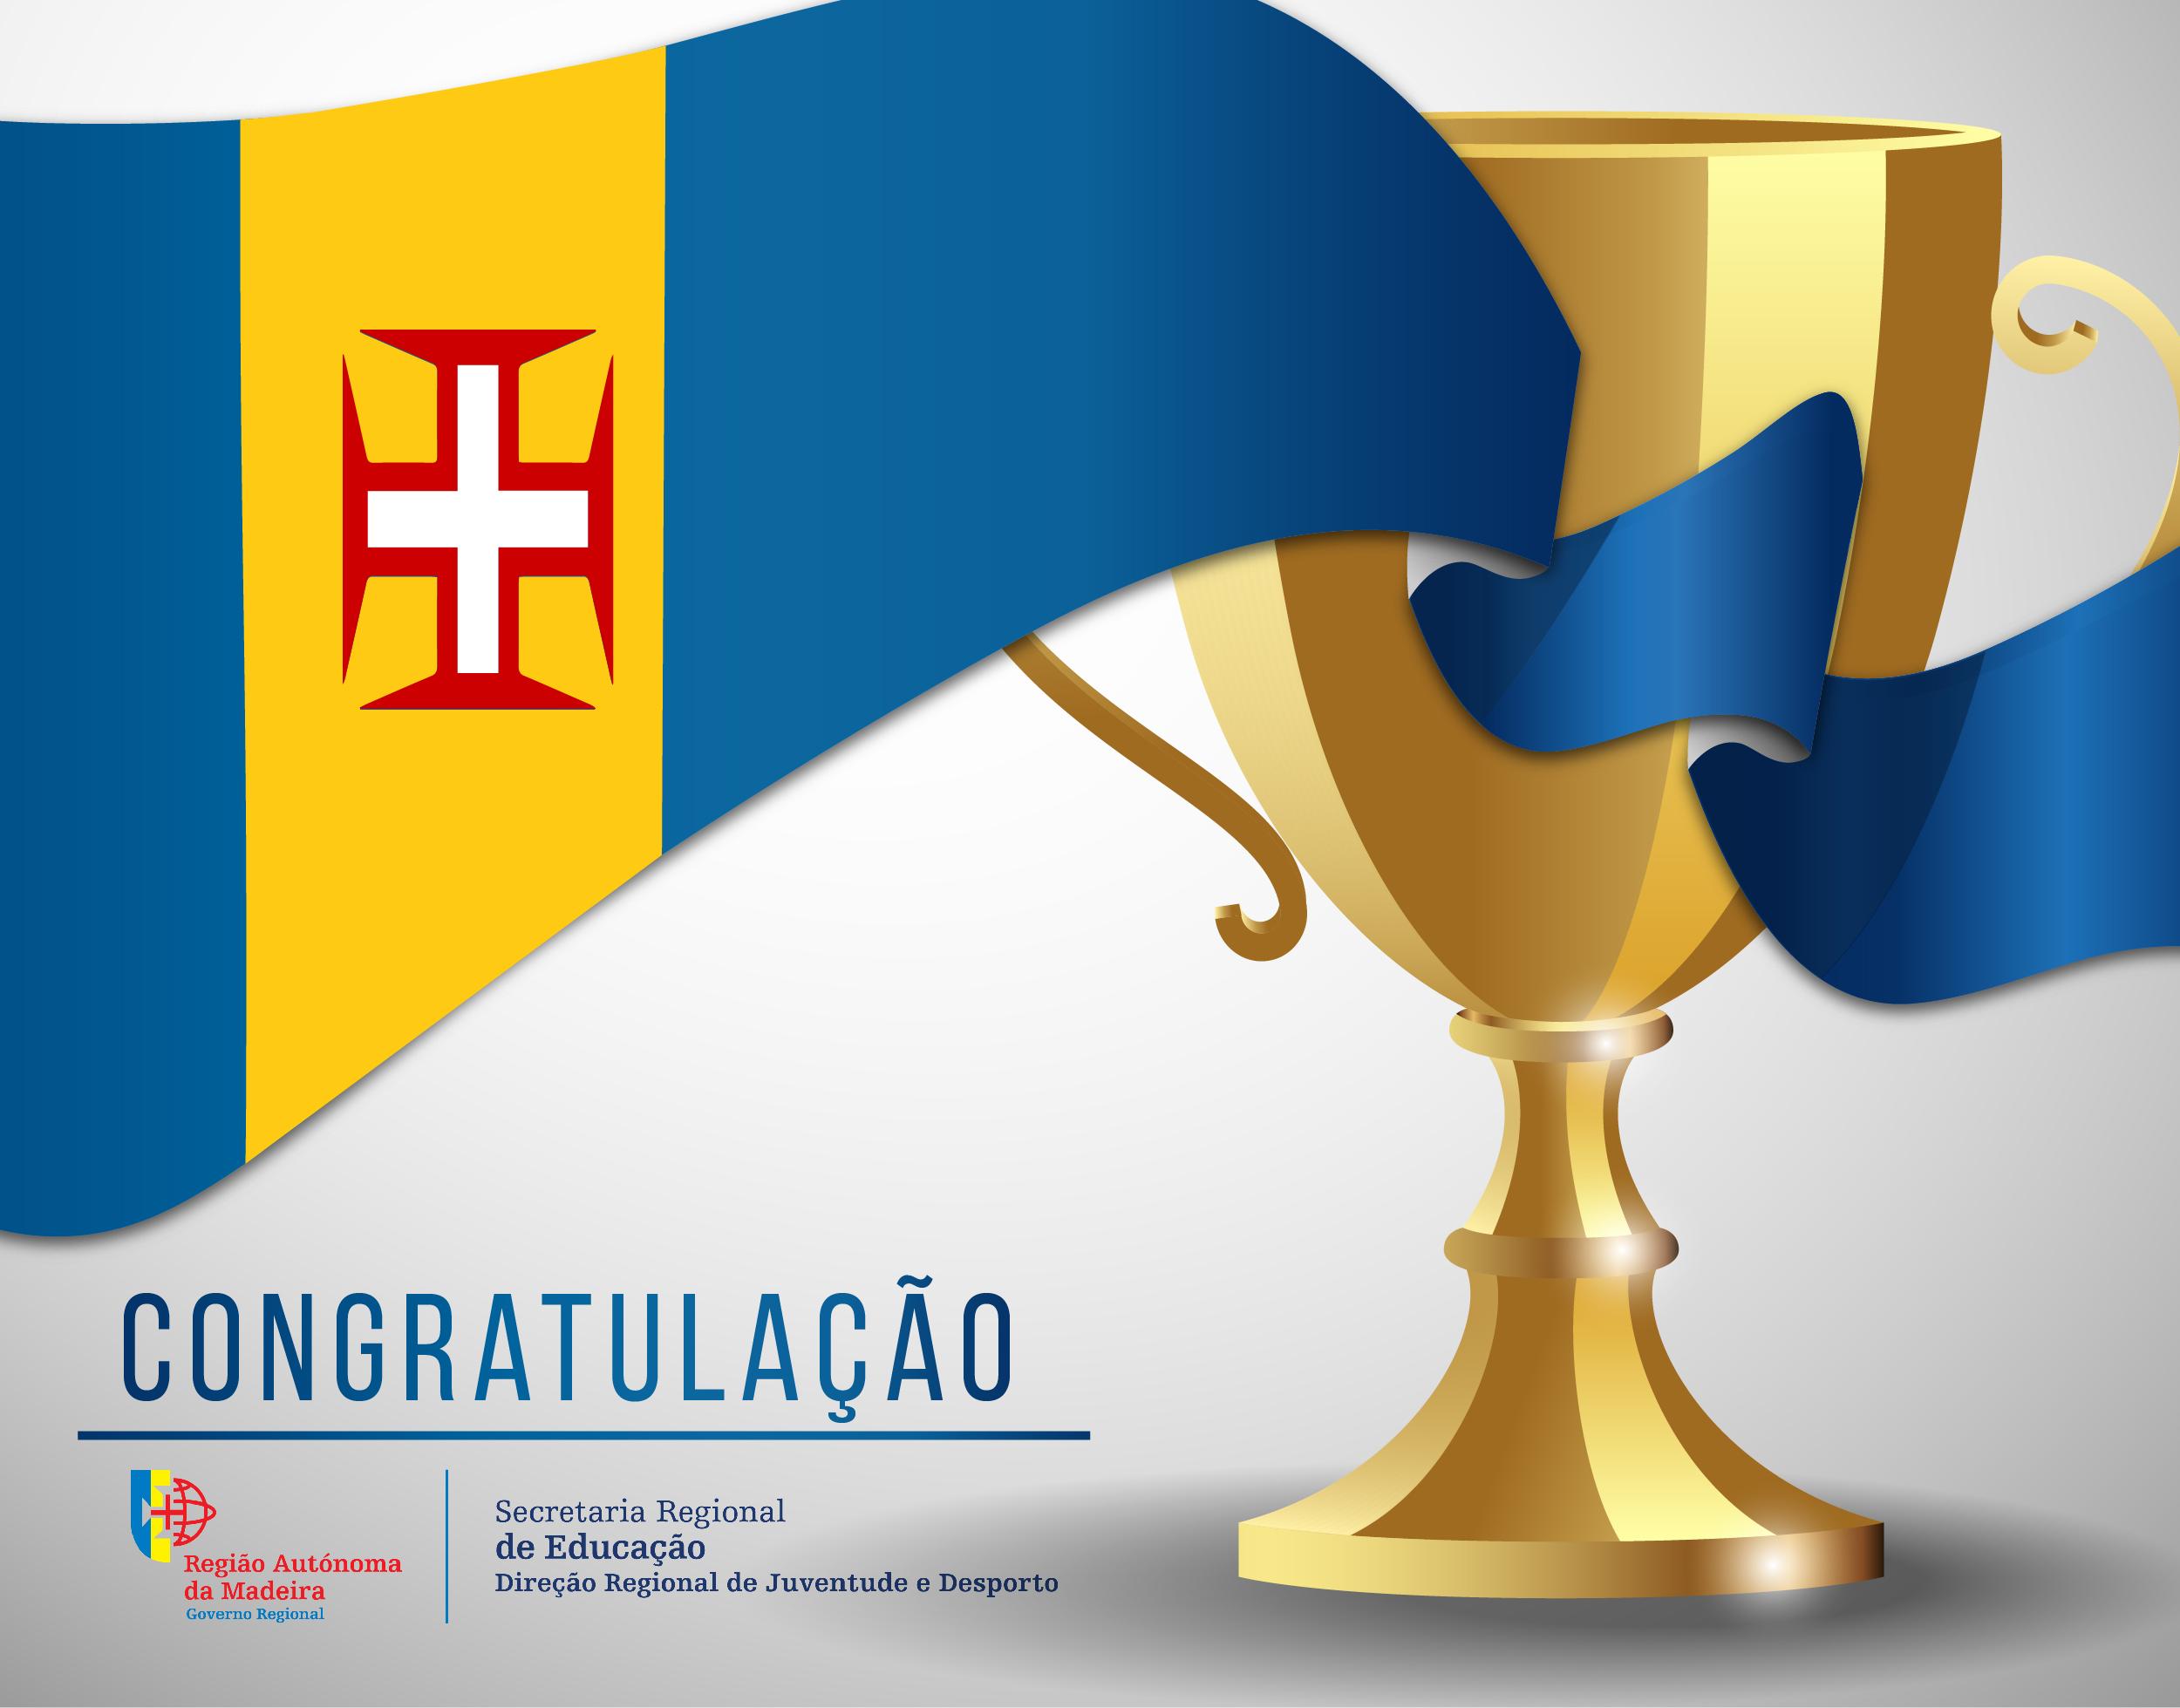 Congratulação - Francisca Henriques (CS Marítimo)